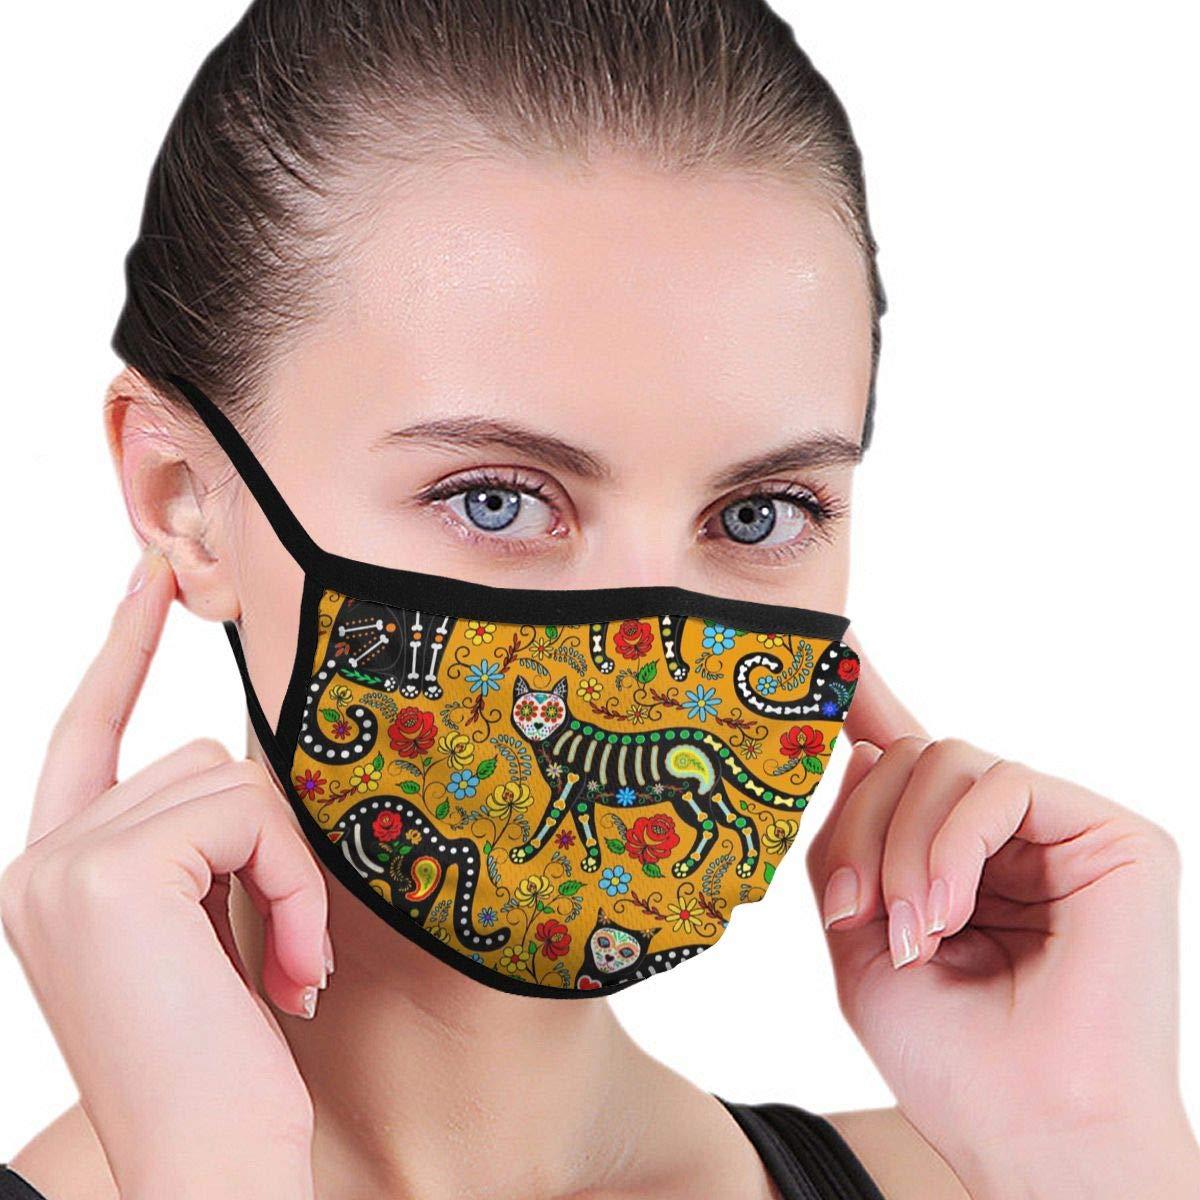 Máscaras bucales de Patrones sin Fisuras Calavera Calavera de azúcar Máscara Negra Máscaras de algodón Lavables para la Boca Máscaras faciales para Hombres y Mujeres: Amazon.es: Bricolaje y herramientas